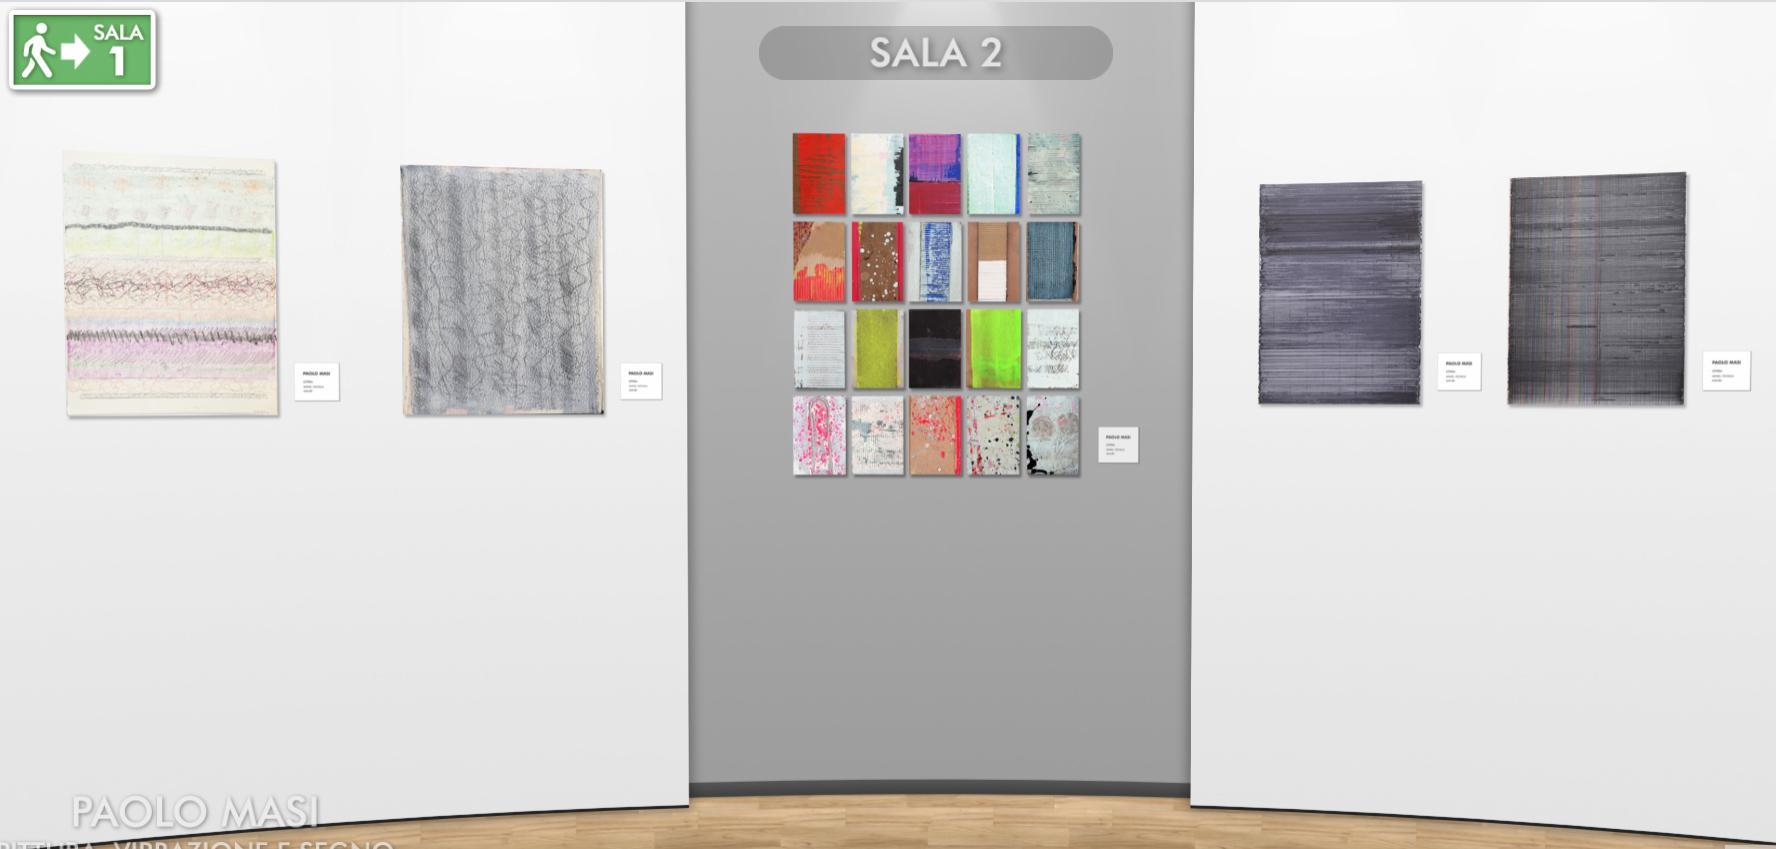 Paolo Masi. Pittura, vibrazione e segno. 60 anni di ordinata casualità. Allestimento inedito e mostra virtuale